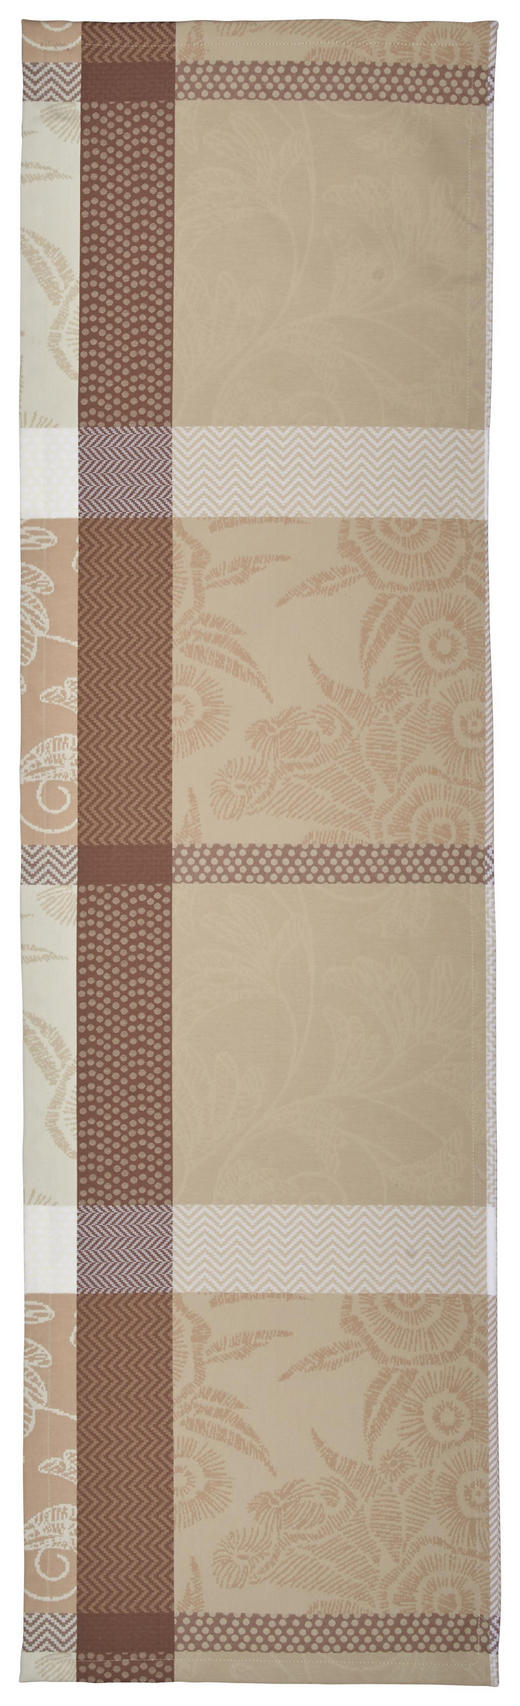 TISCHLÄUFER Textil Taupe 40/140 cm - Taupe, KONVENTIONELL, Textil (40/140cm) - Esposa